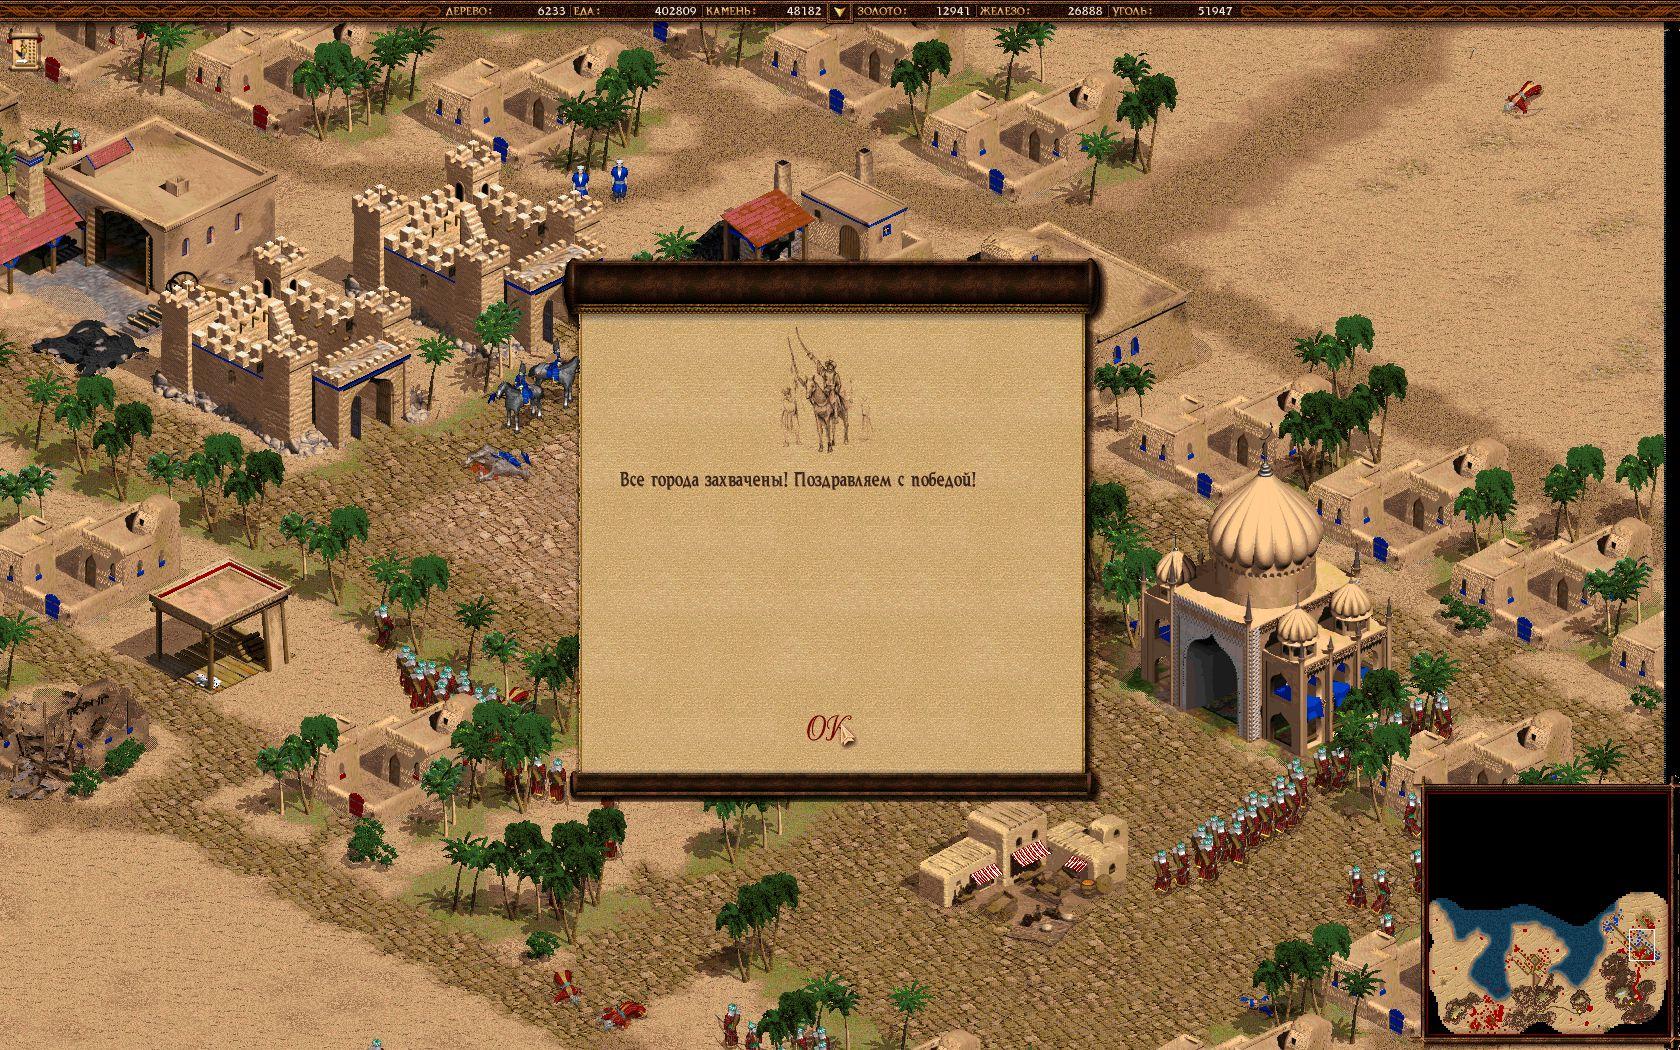 игра последний аватар: